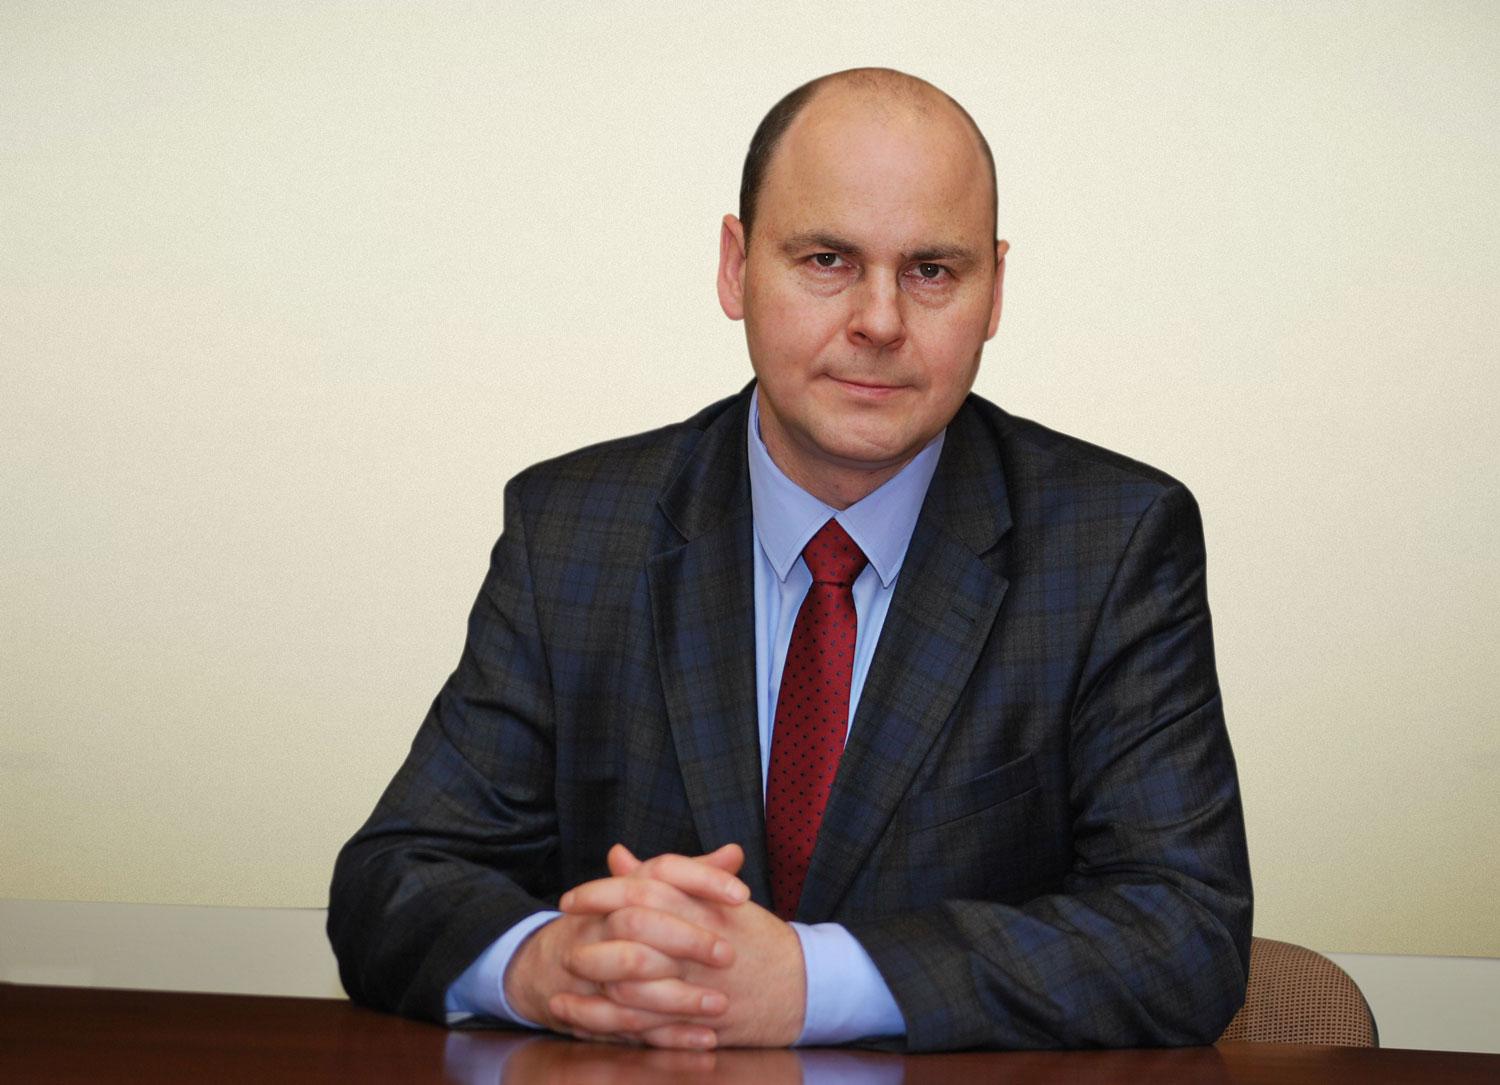 Jan Bondaruk